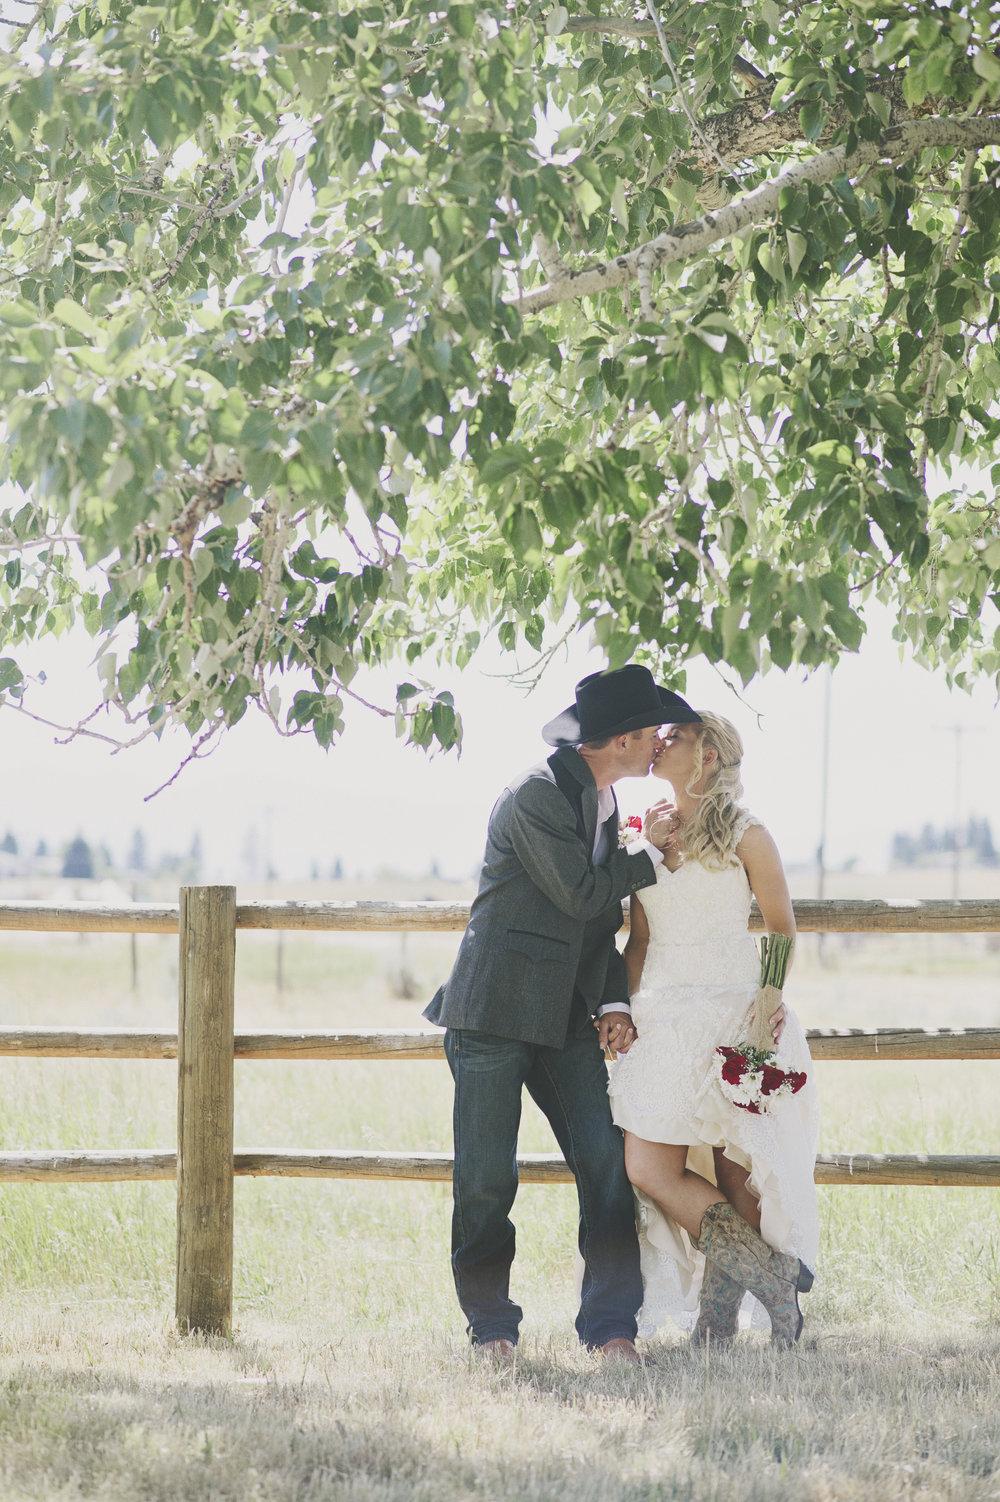 Erica Lind + Jeff Heim Wedding_Rustic Wedding_Montana Wedding_Kelsey Lane Photography-3922-2 copy.jpg